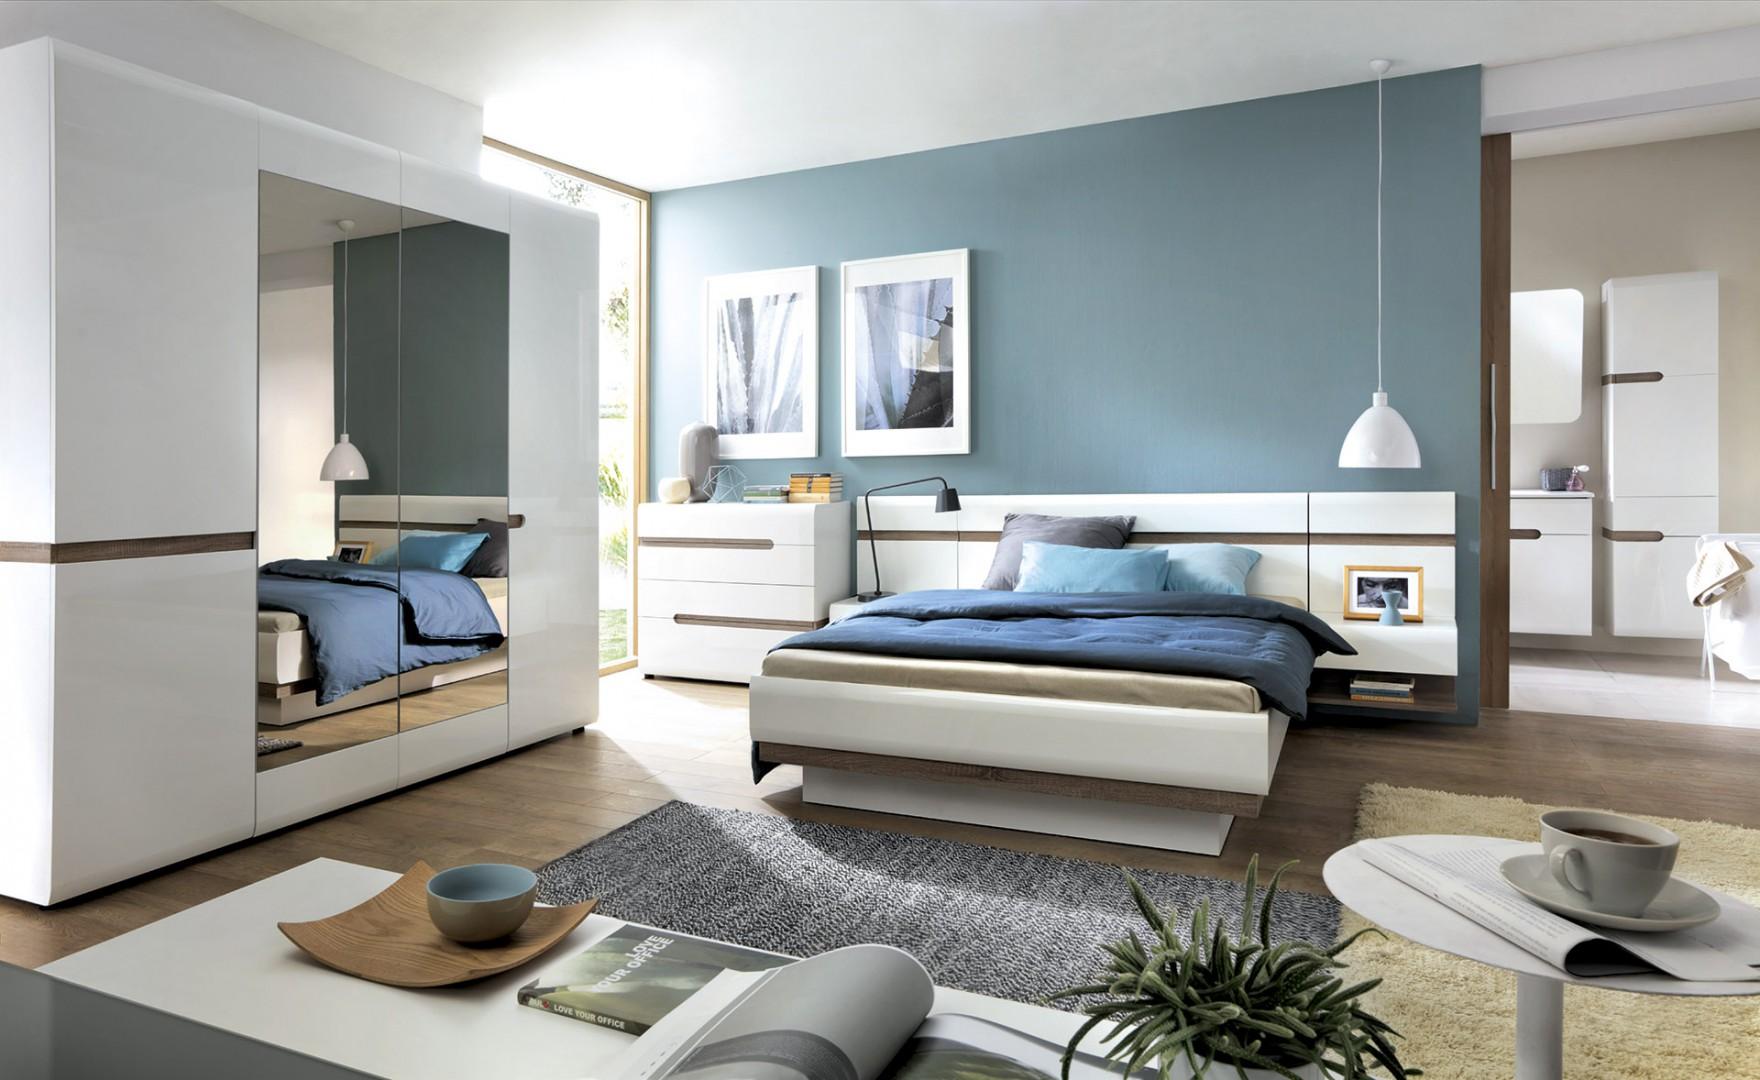 Sypialnia Linate firmy Meble Wójcik. Fot. Meble Wójcik